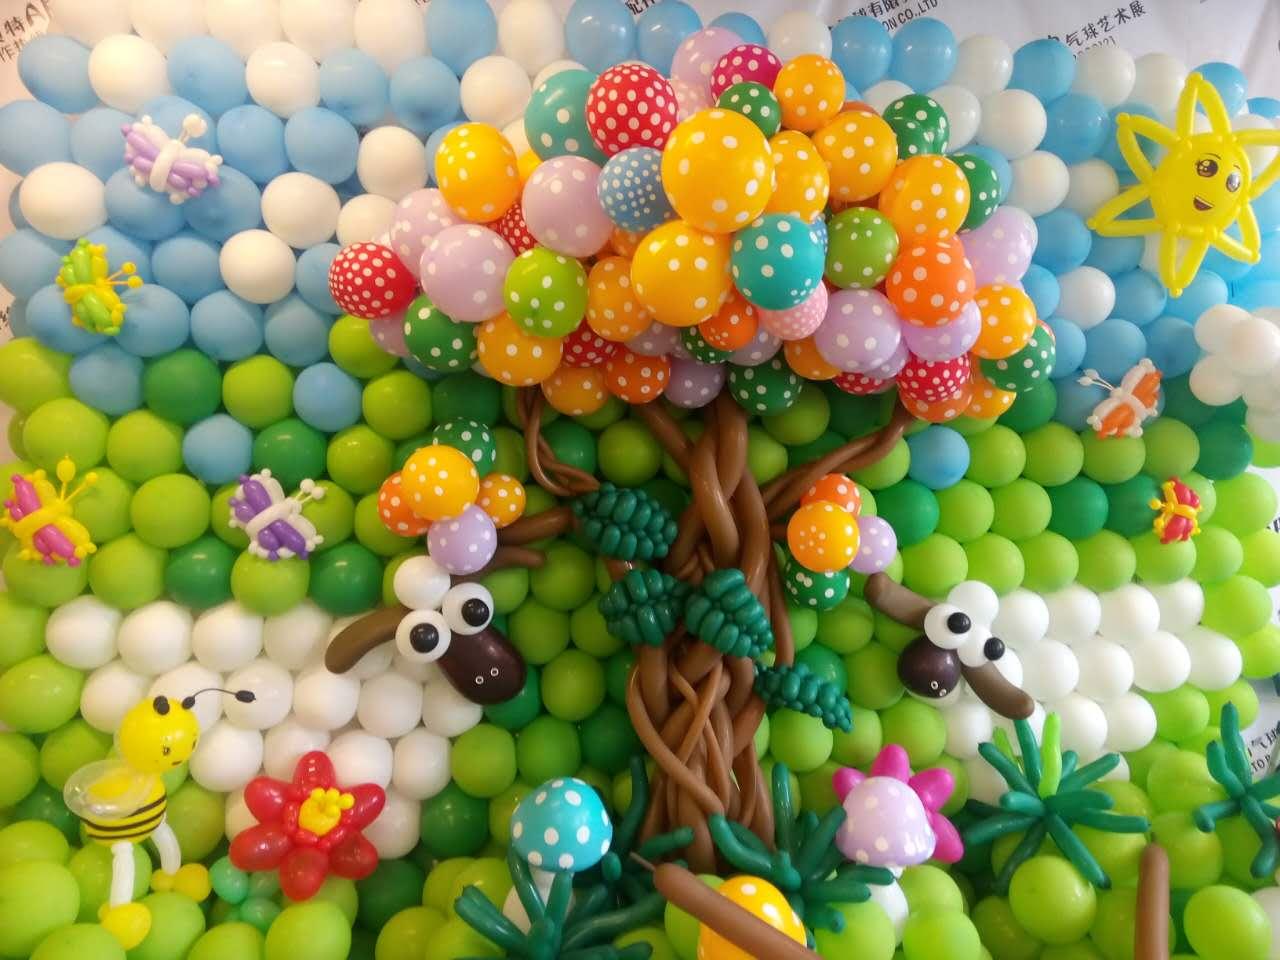 你看过用气球编制的大熊猫和长山羊